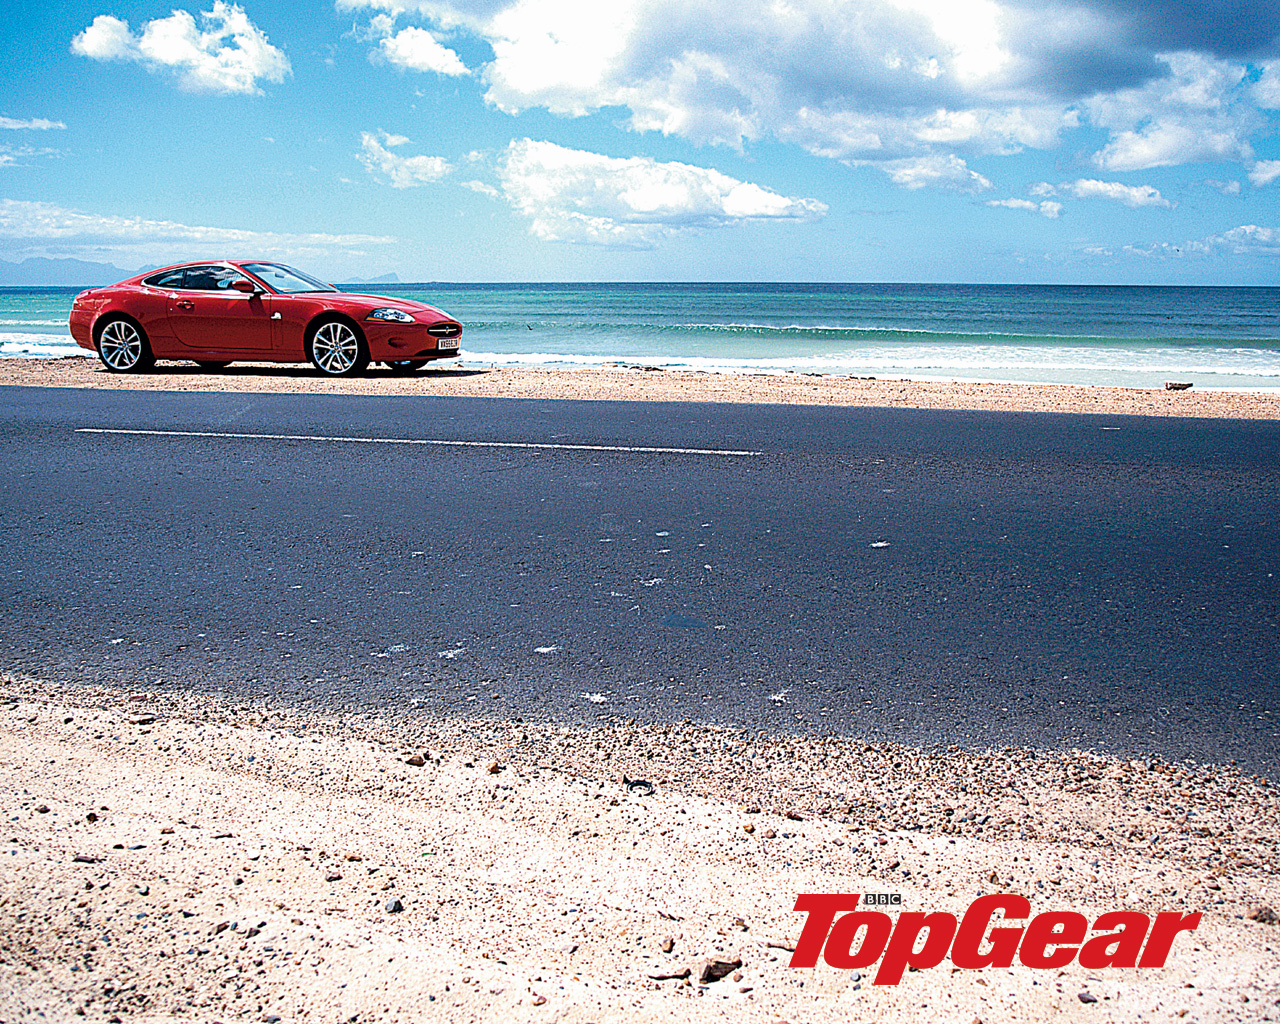 File:Jaguar XK.jpg